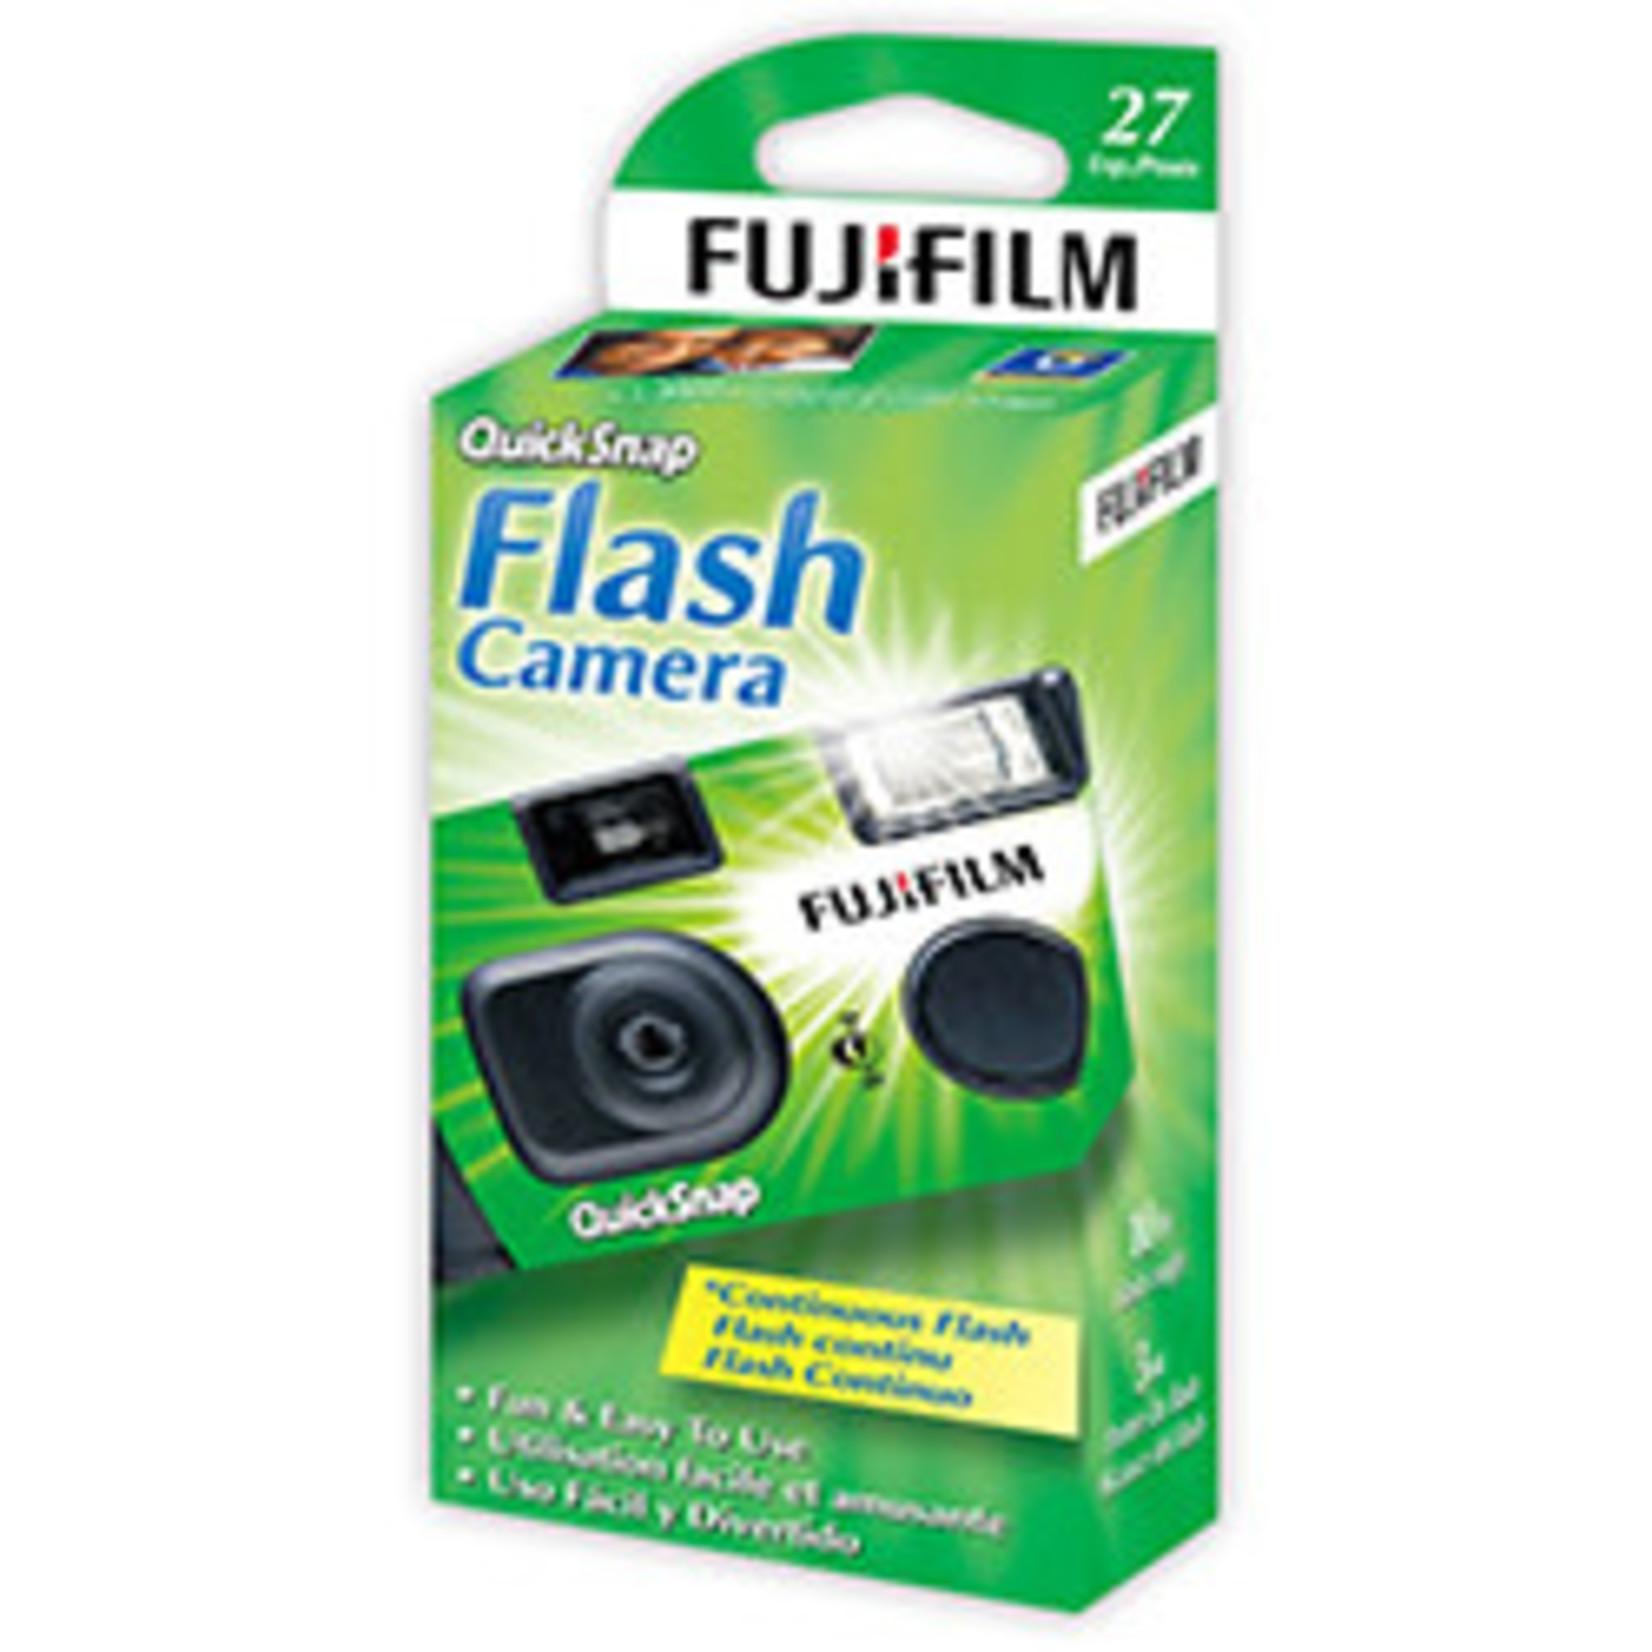 FujiFilm FujiFilm QuickSnap Flash 400